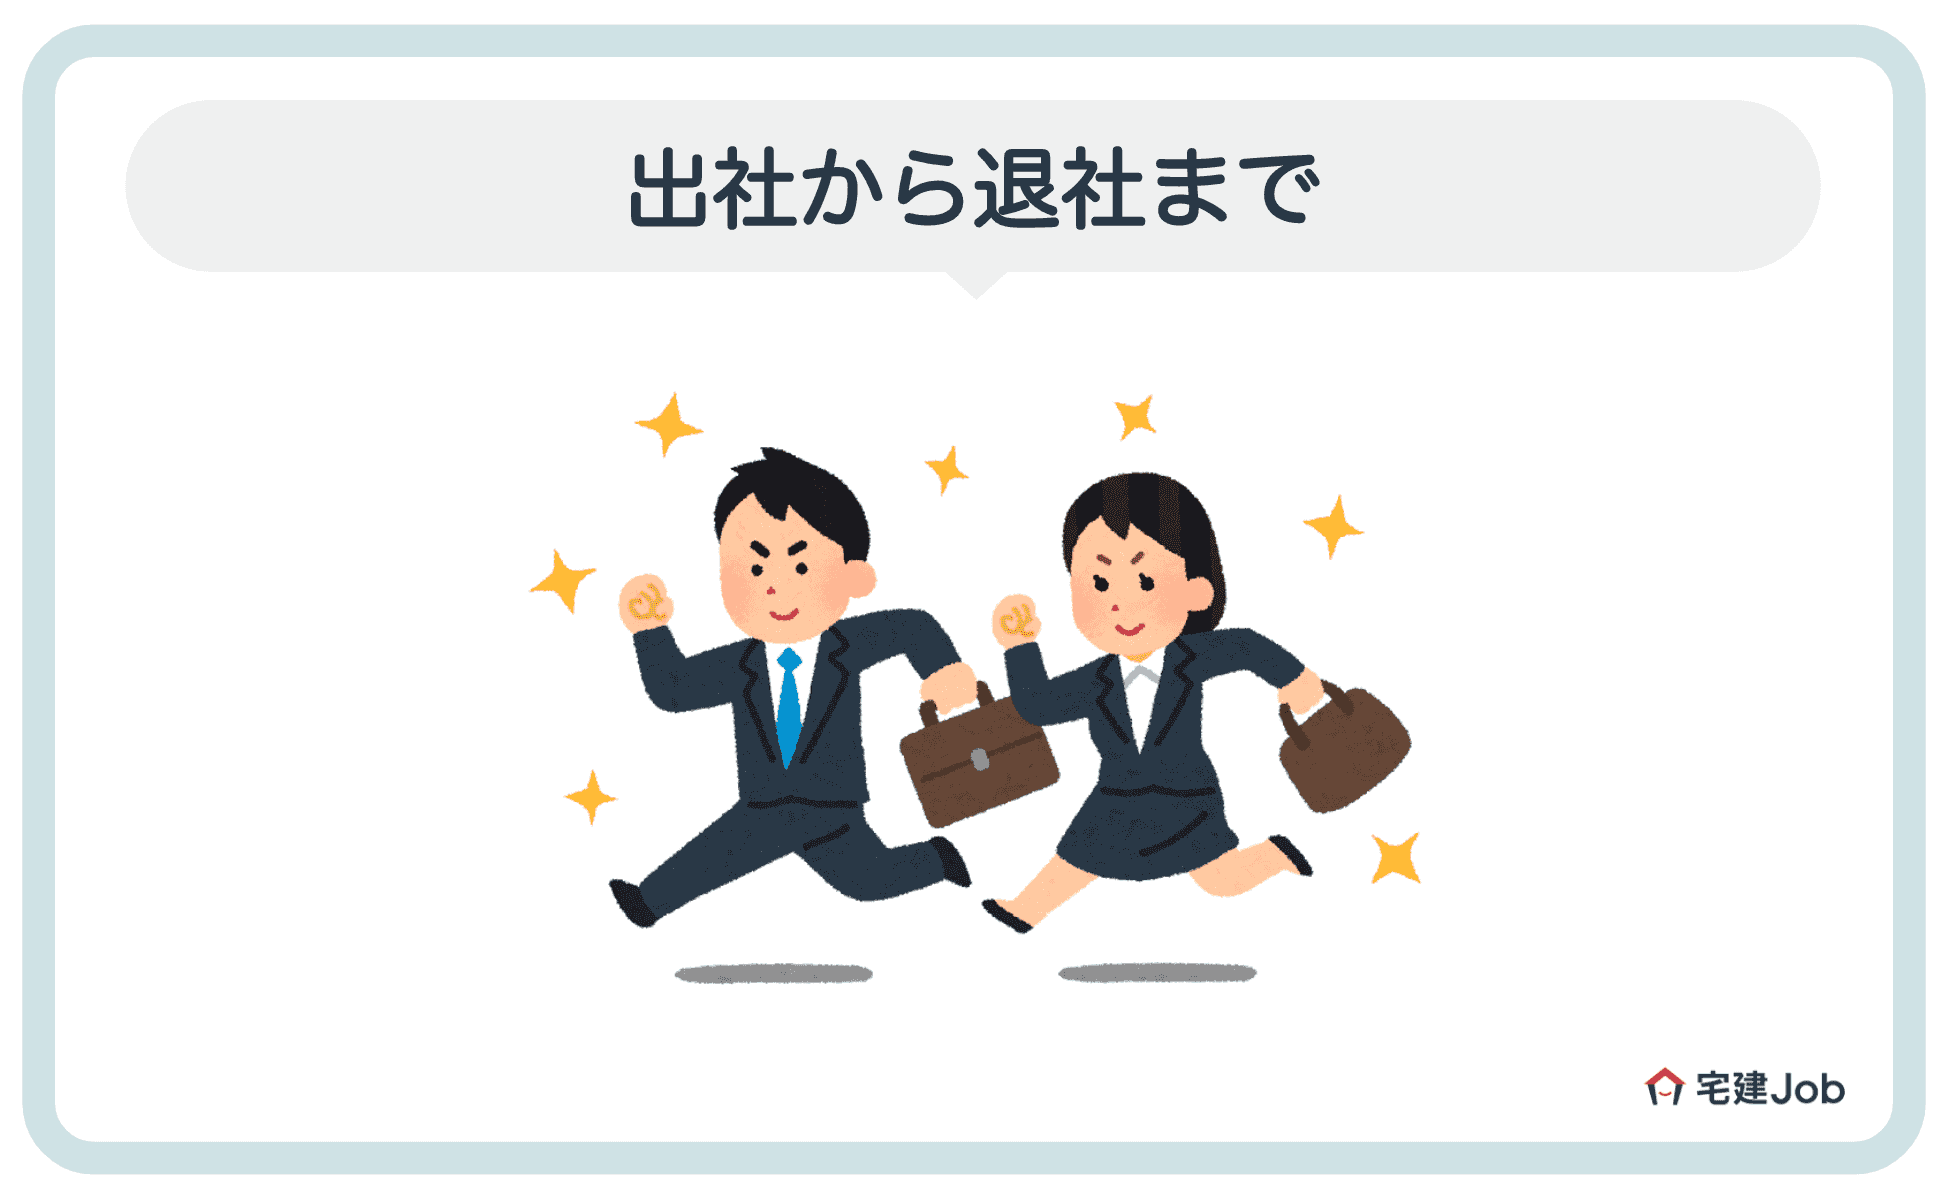 2.不動産営業の一日のスケジュール【出社〜退社】